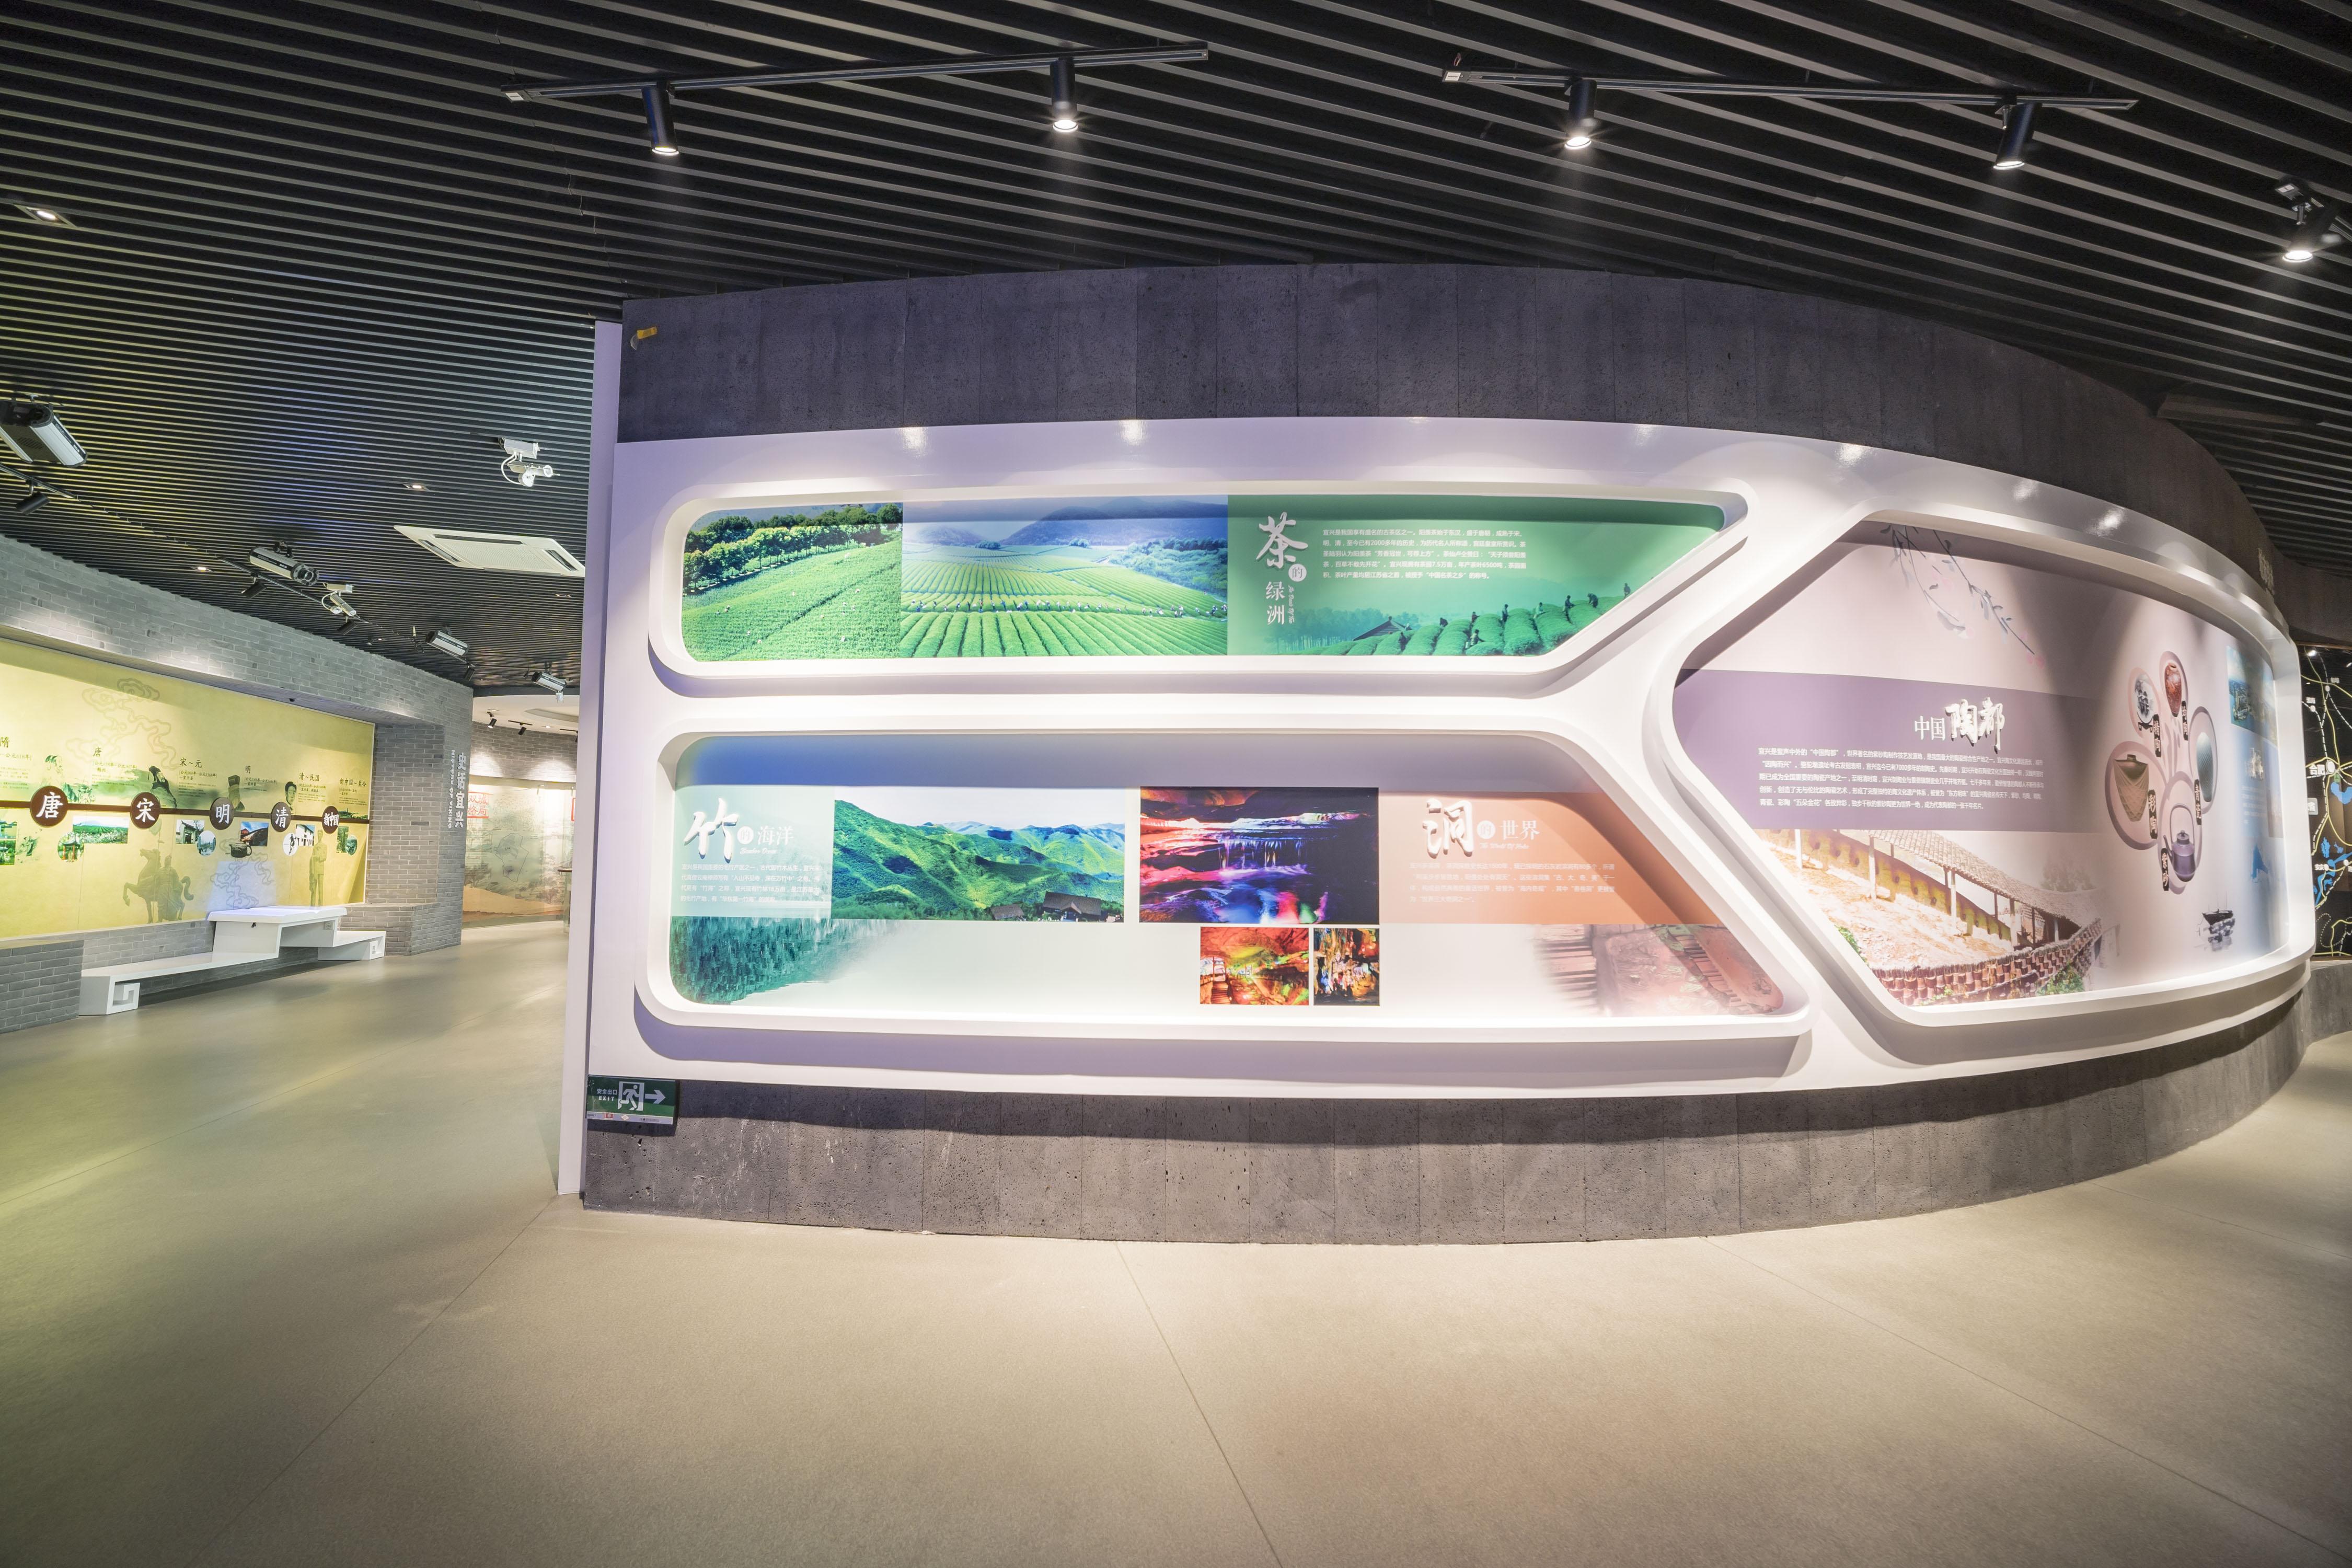 宜兴规划展示馆3